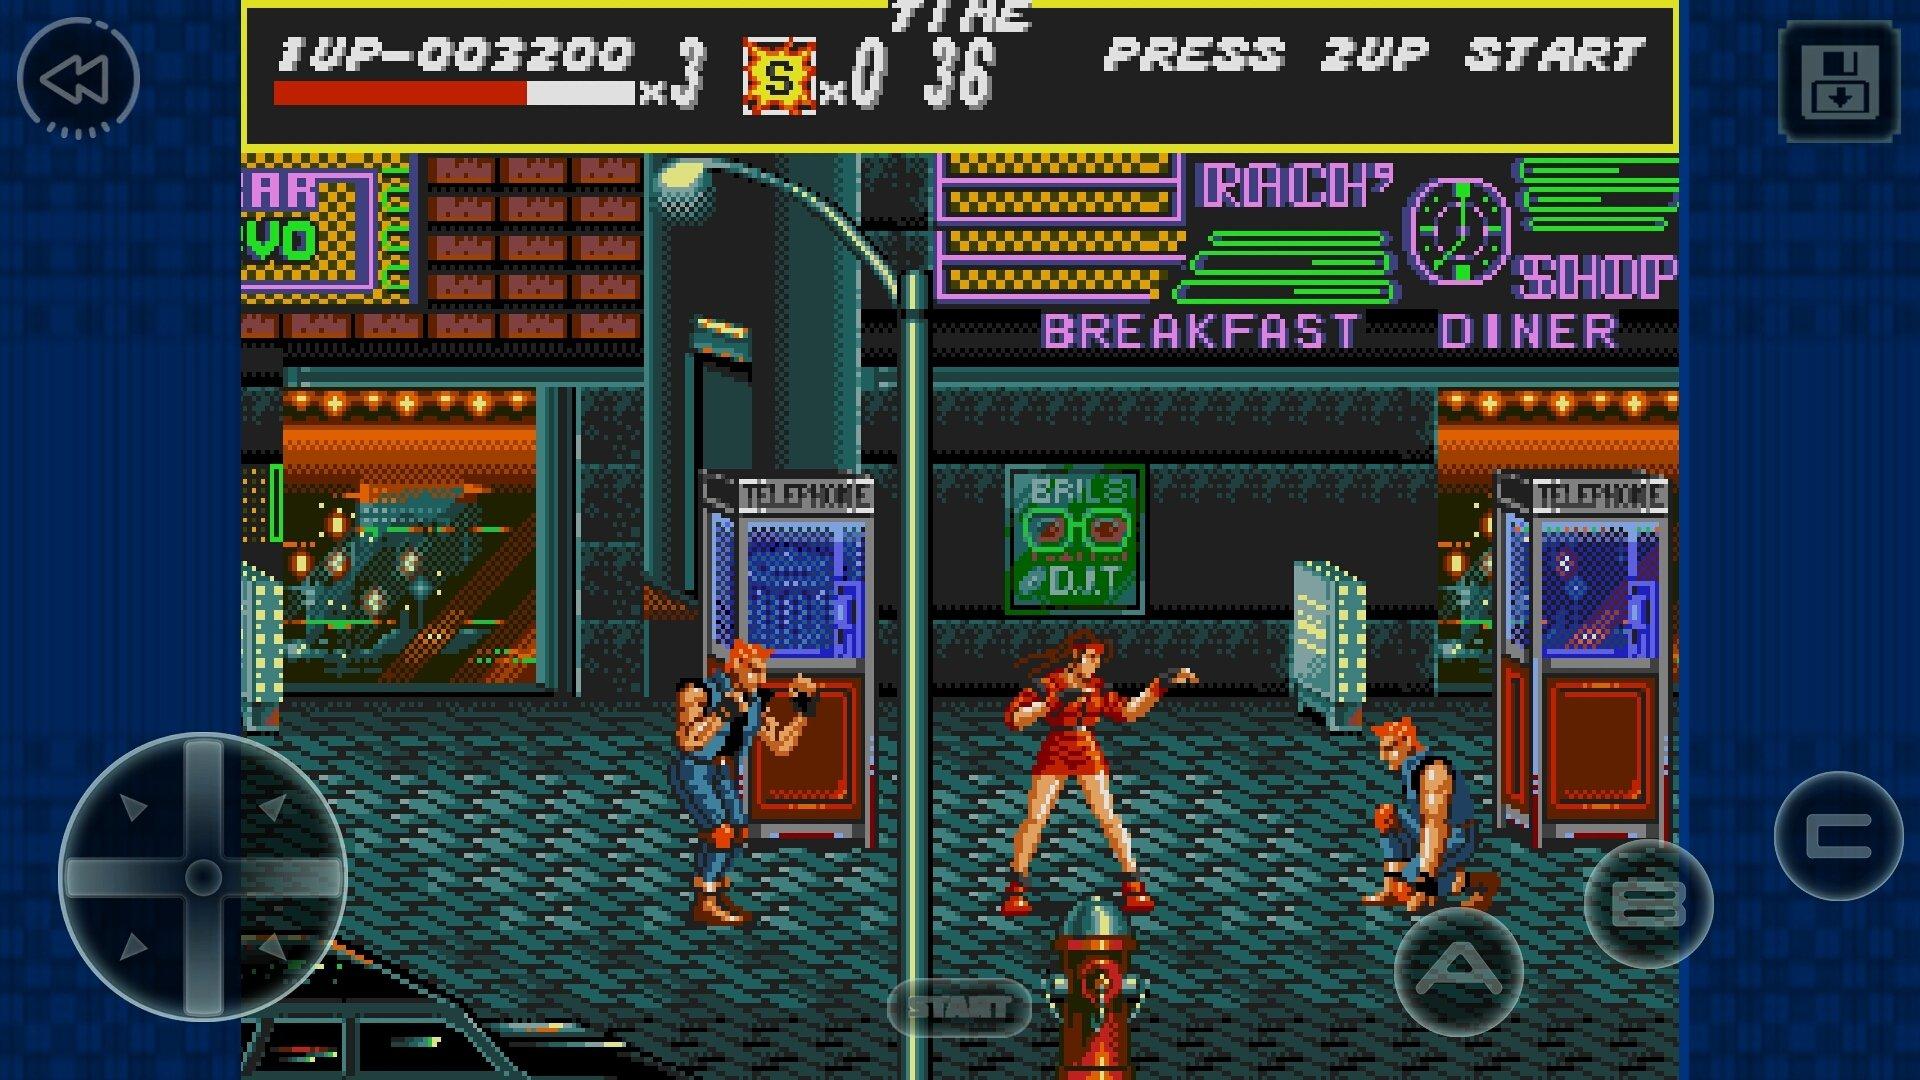 Street of rage игровые автоматы игровые автоматы атроники играть бесплатно и без регистрации